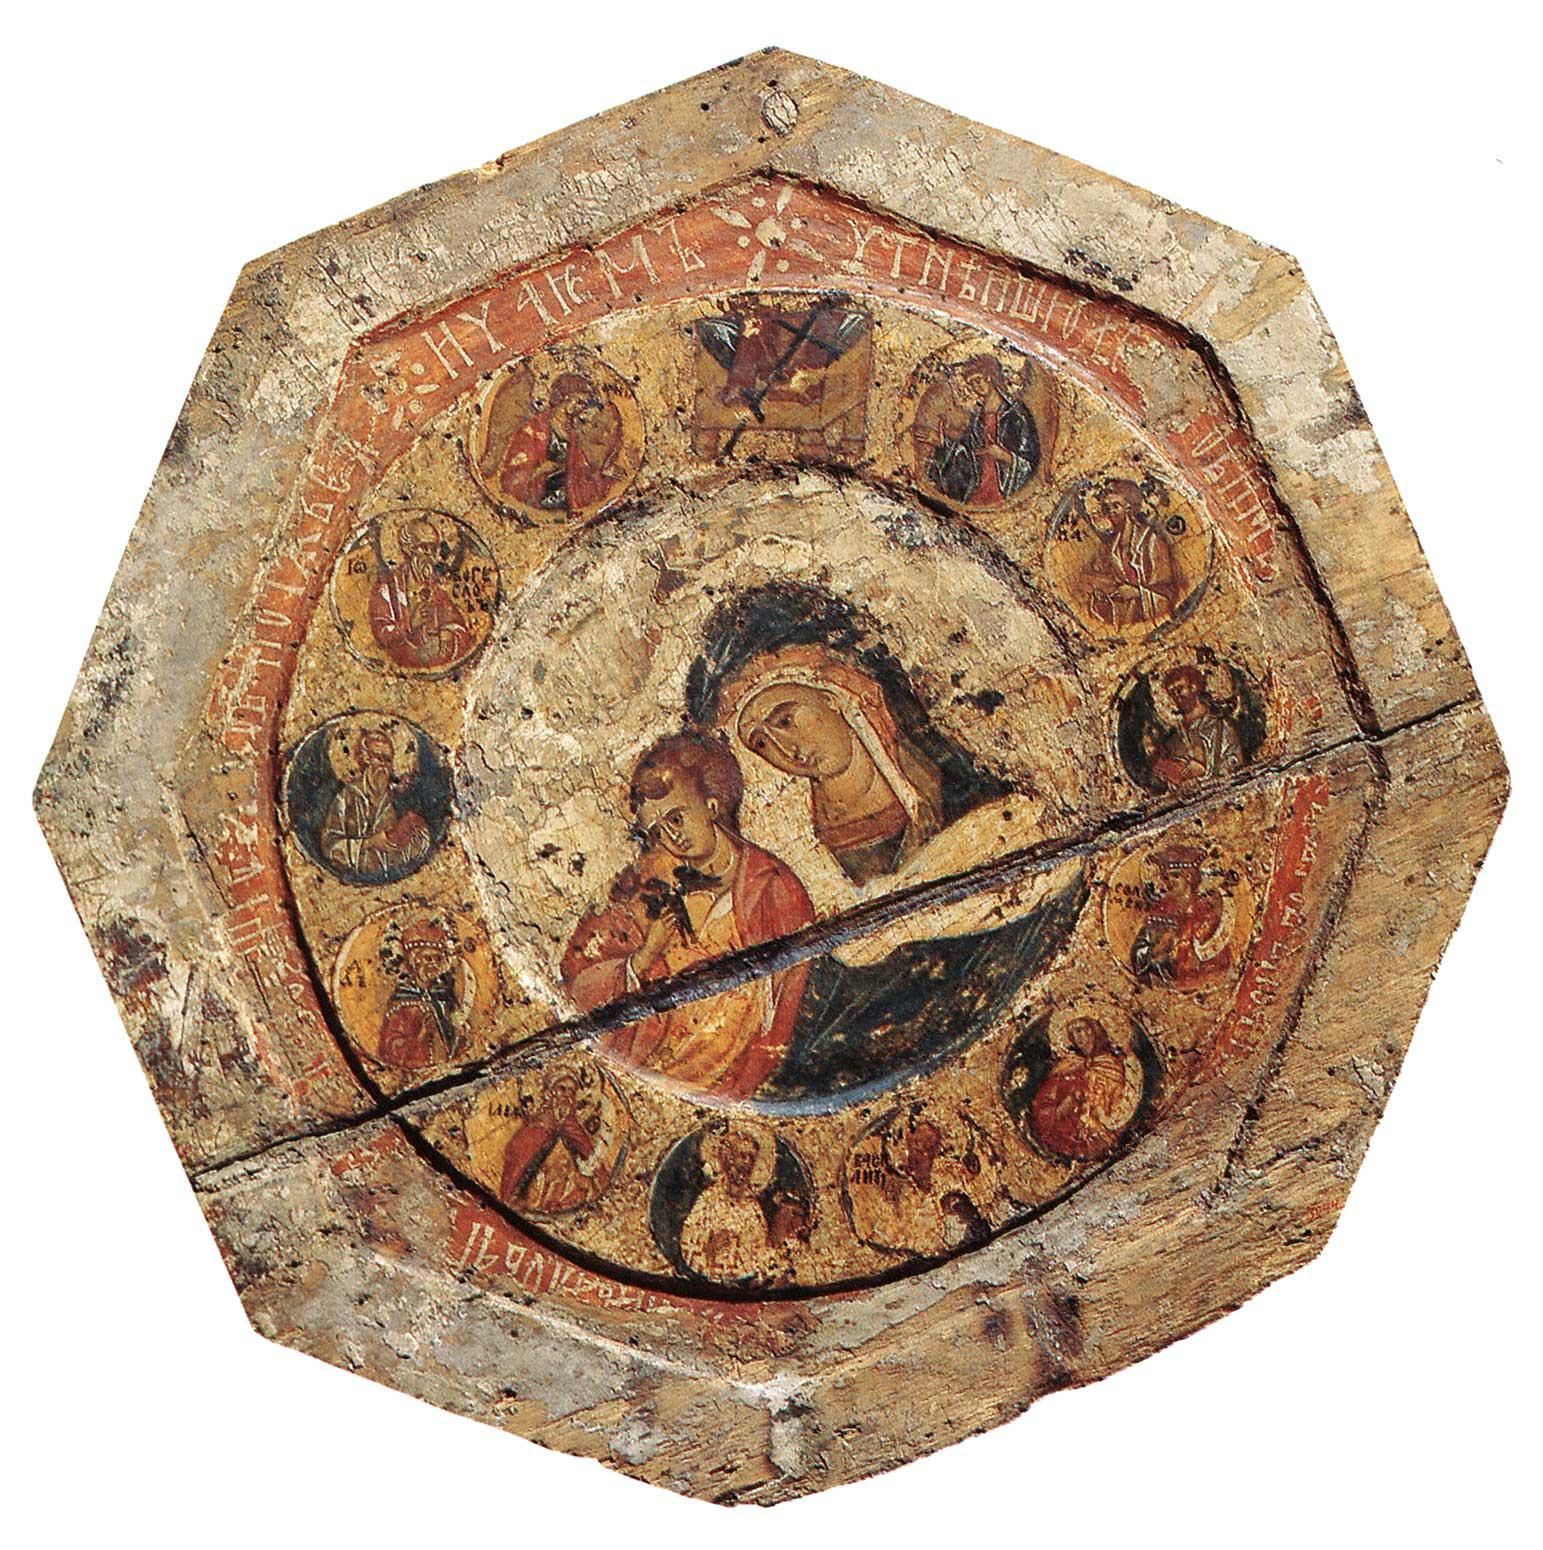 Богоматерь типа Коневской (Голубицкой) и святые